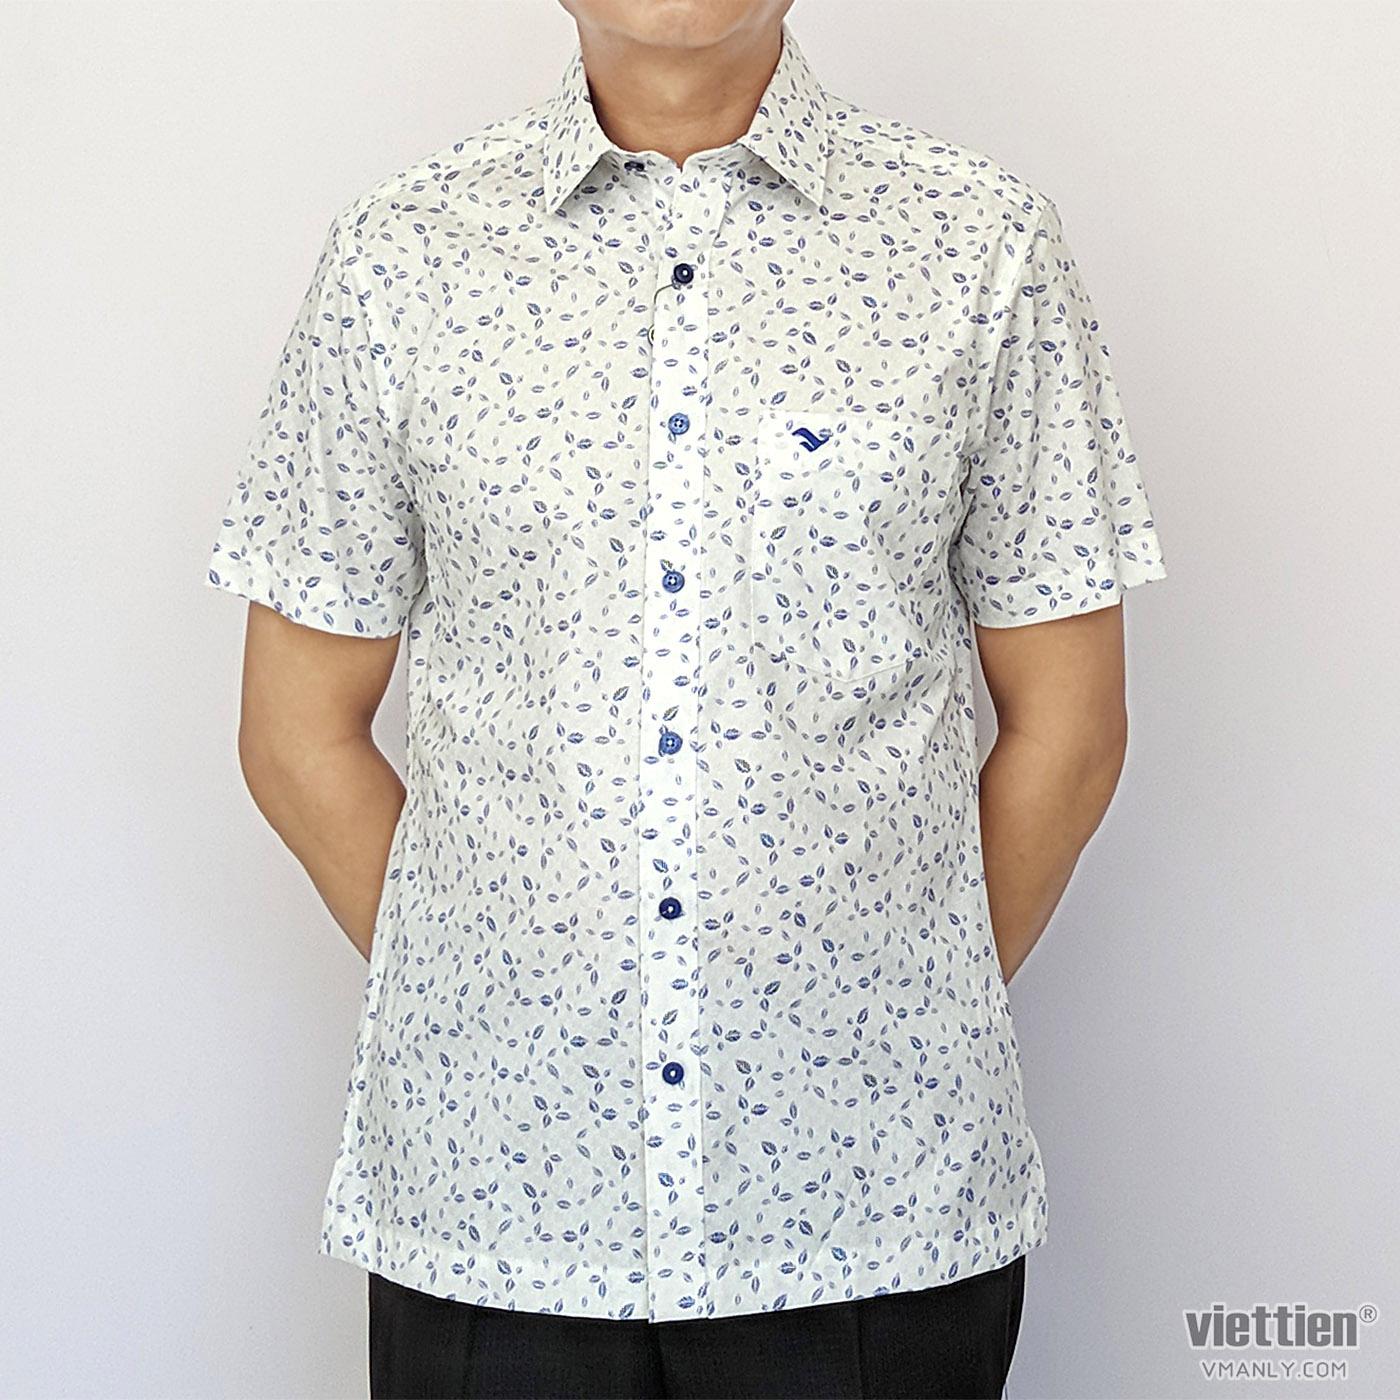 Áo sơ mi nam ngắn tay Việt Tiến màu trắng hoa văn 6N0019